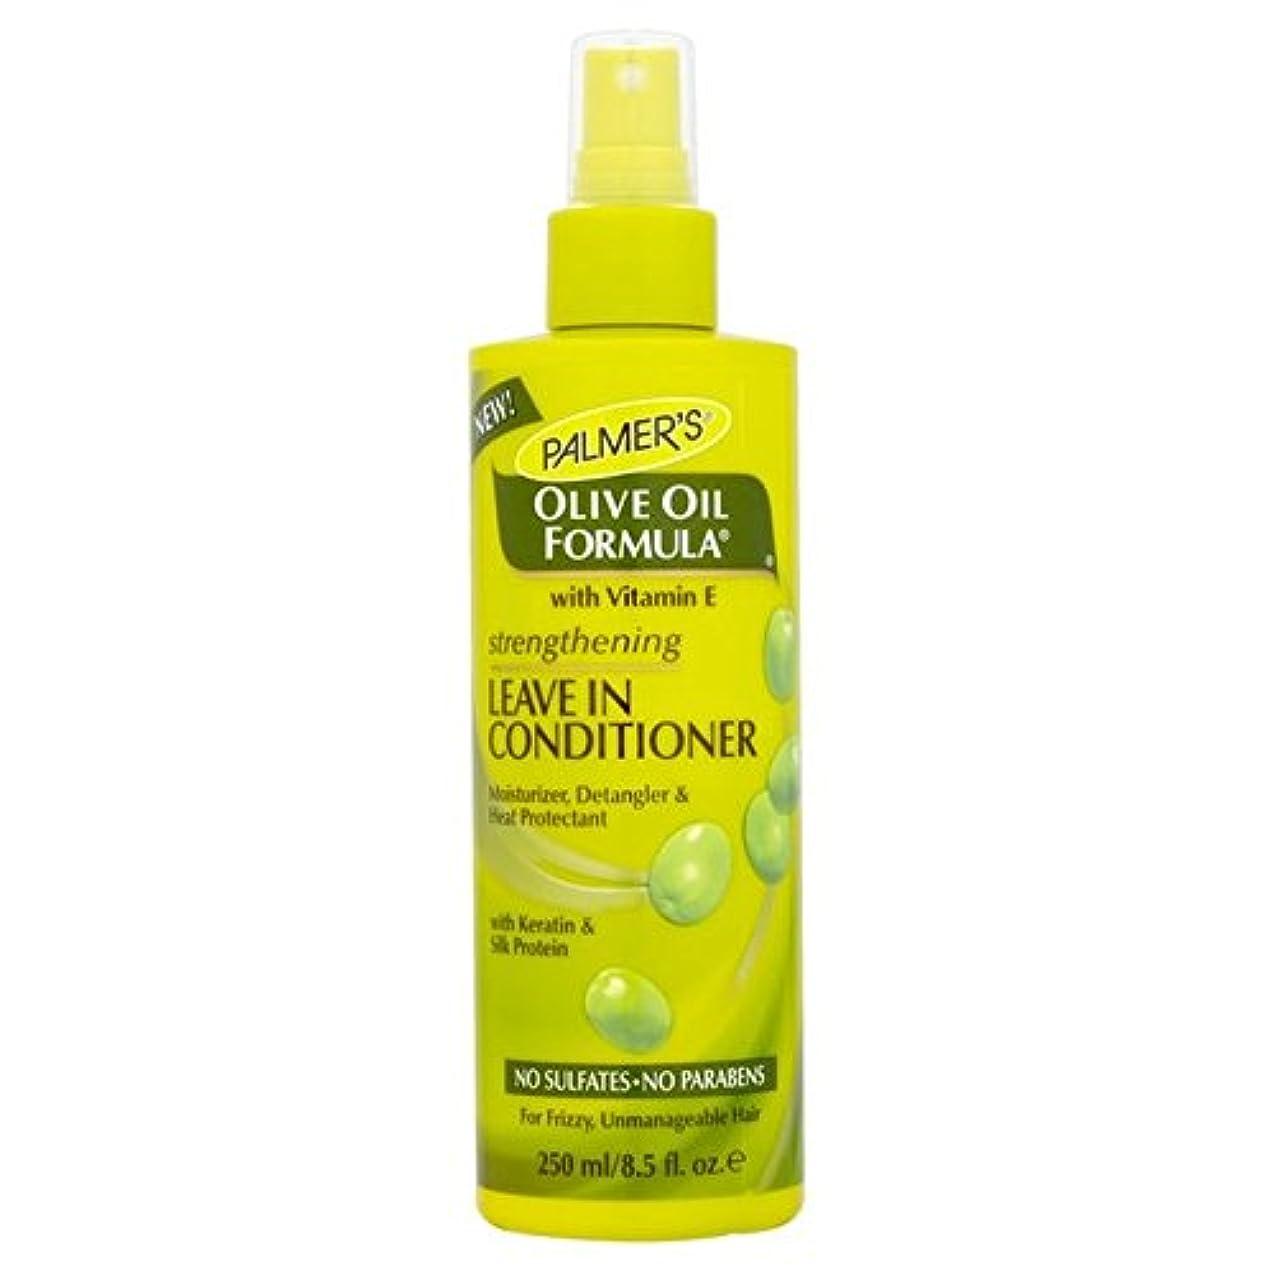 サイクル市場証明書Palmer's Olive Oil Formula Strengthening Leave-in Conditioner 250ml - リーブインコンディショナー250を強化パーマーのオリーブオイル式 [並行輸入品]